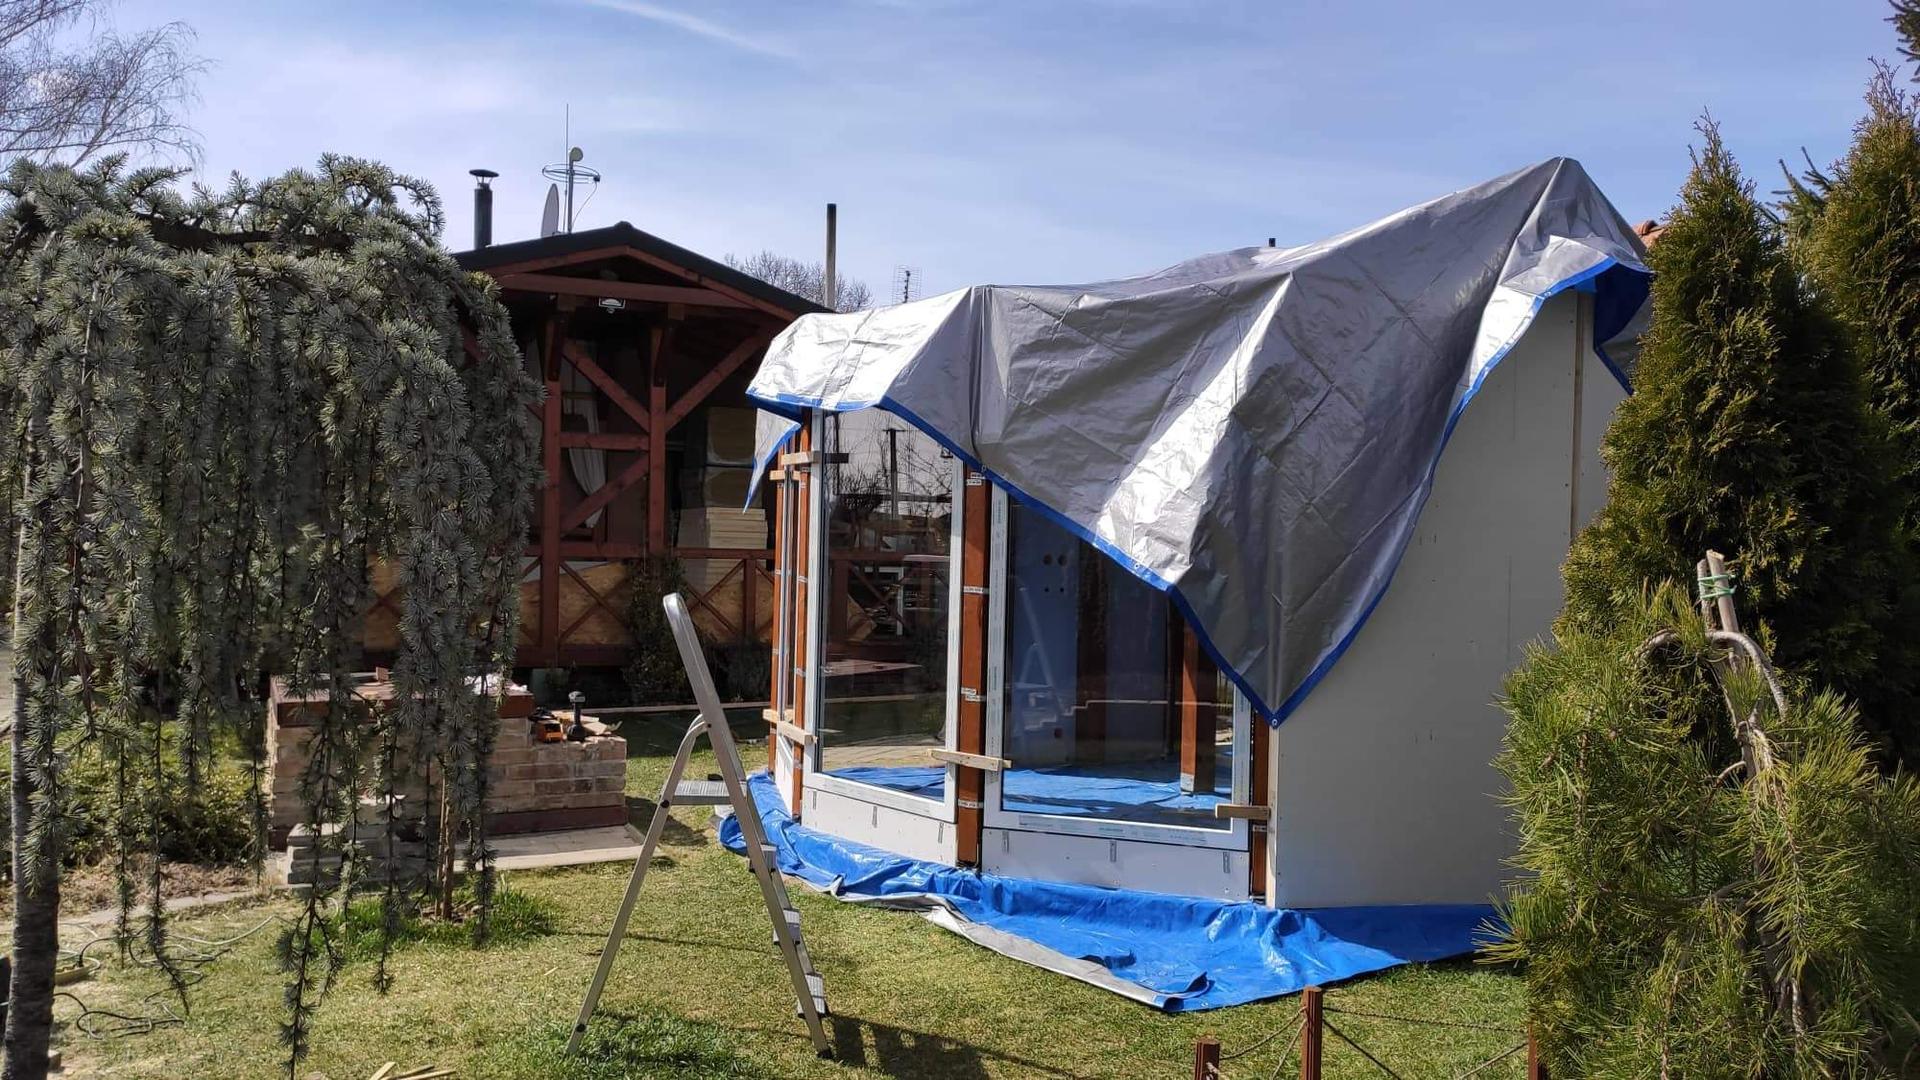 Relaxačný domček sauna a oddychová miestnosť ... plány, príprava a realizácia - Obrázok č. 82